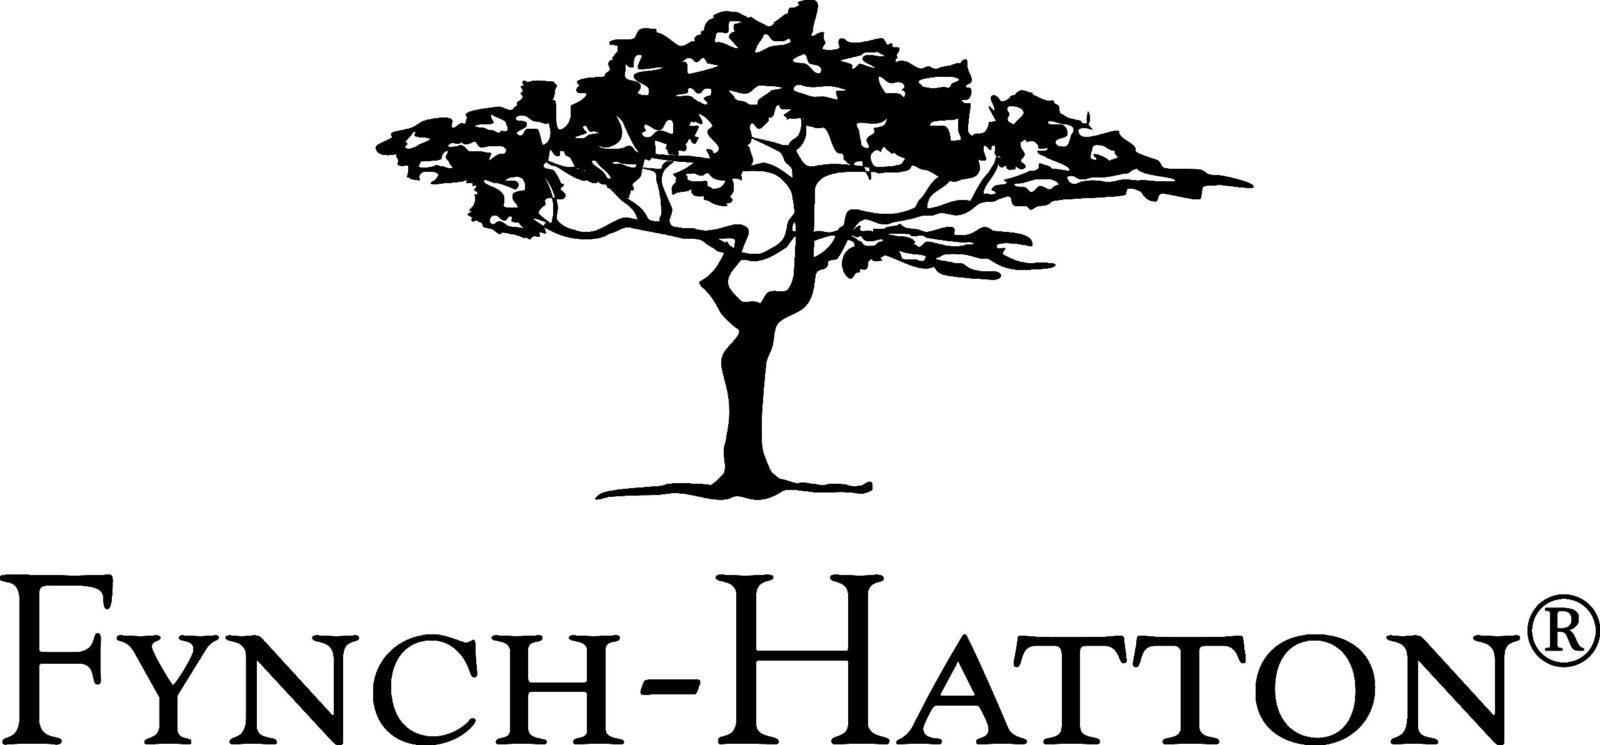 Fynch Hatton Clothing